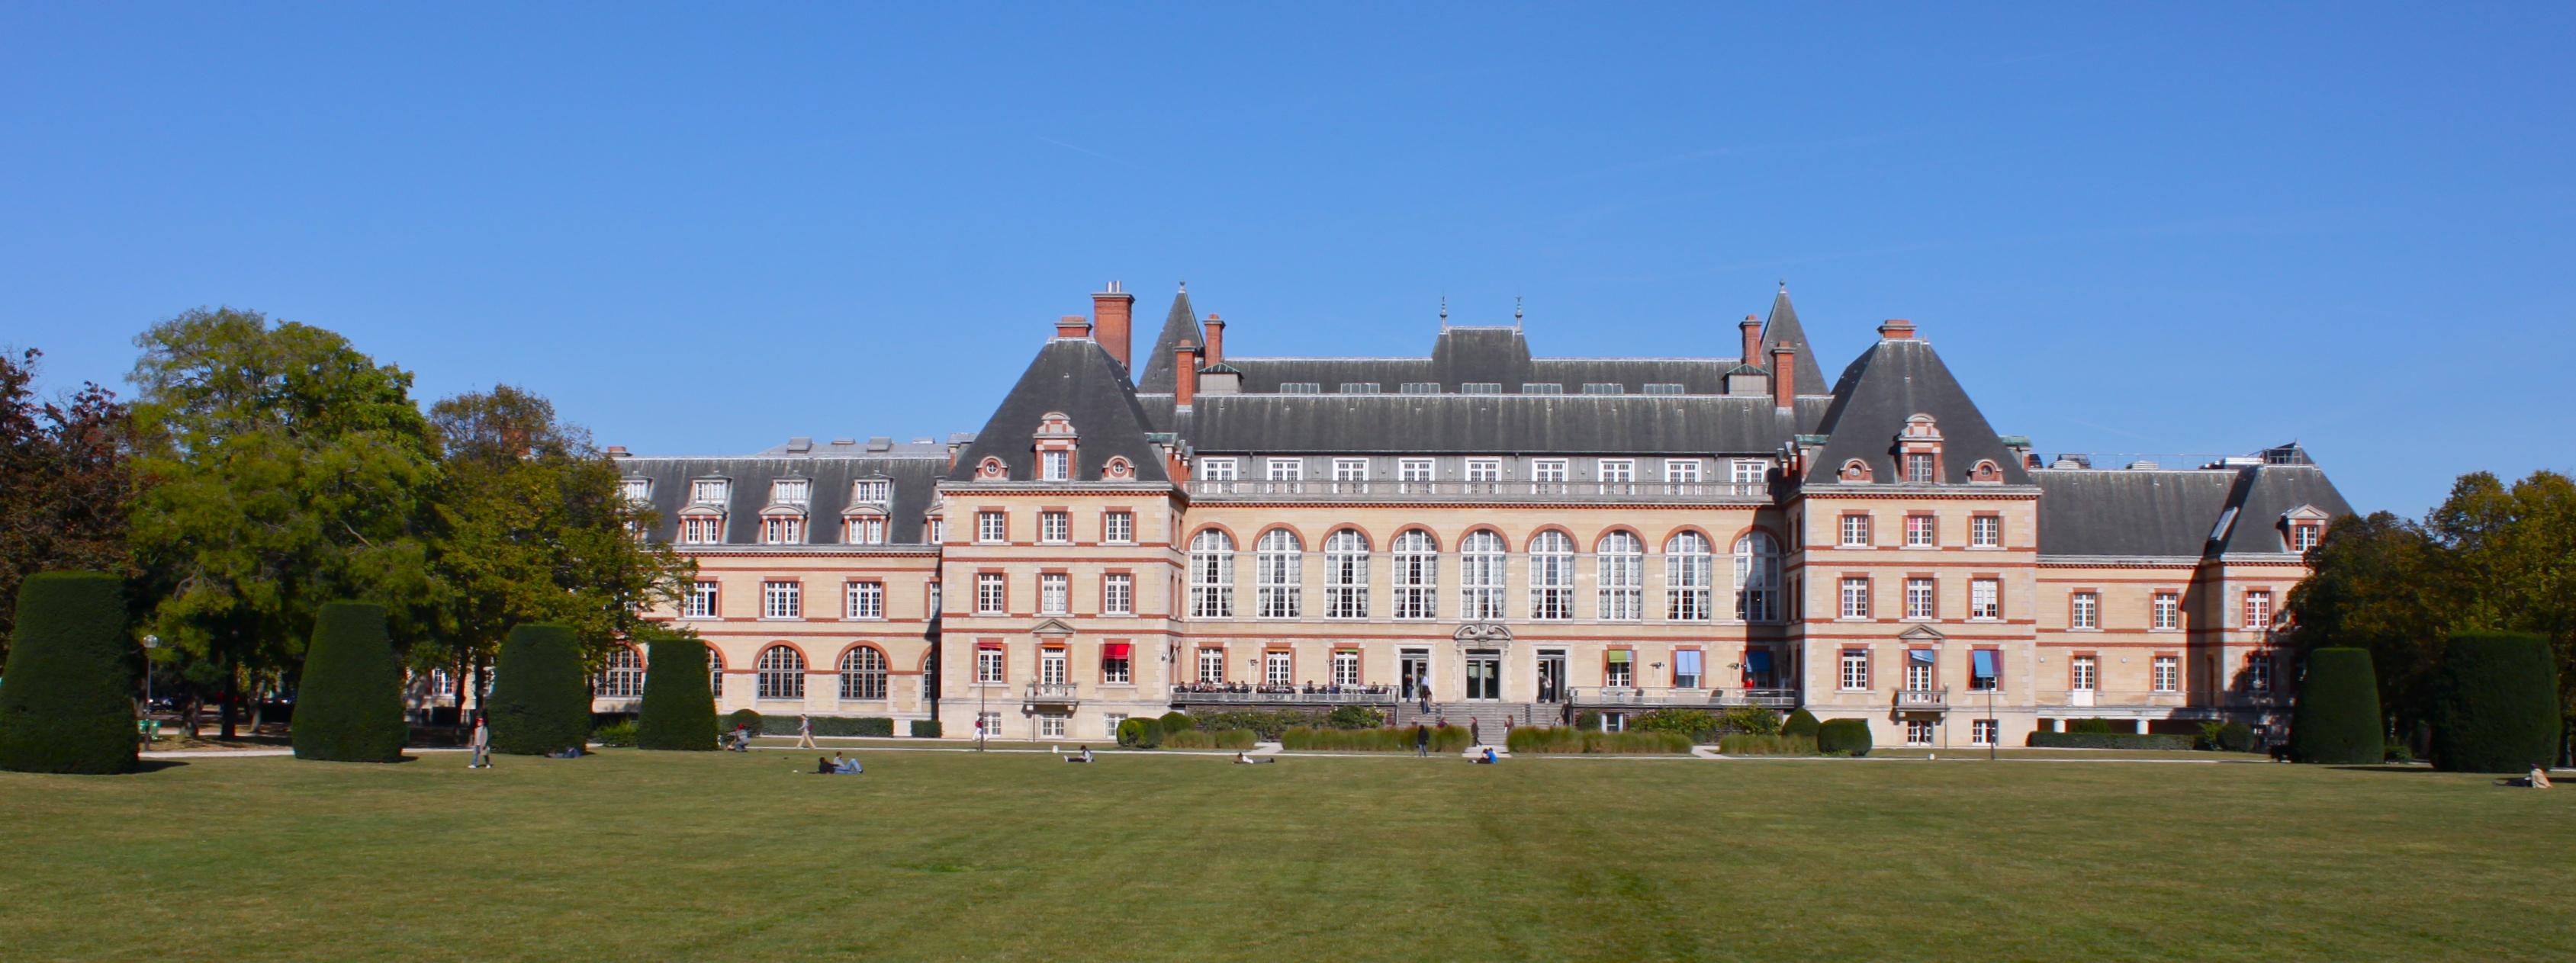 La maison du br sil la cit internationale universitaire - Maison de la hongrie paris ...